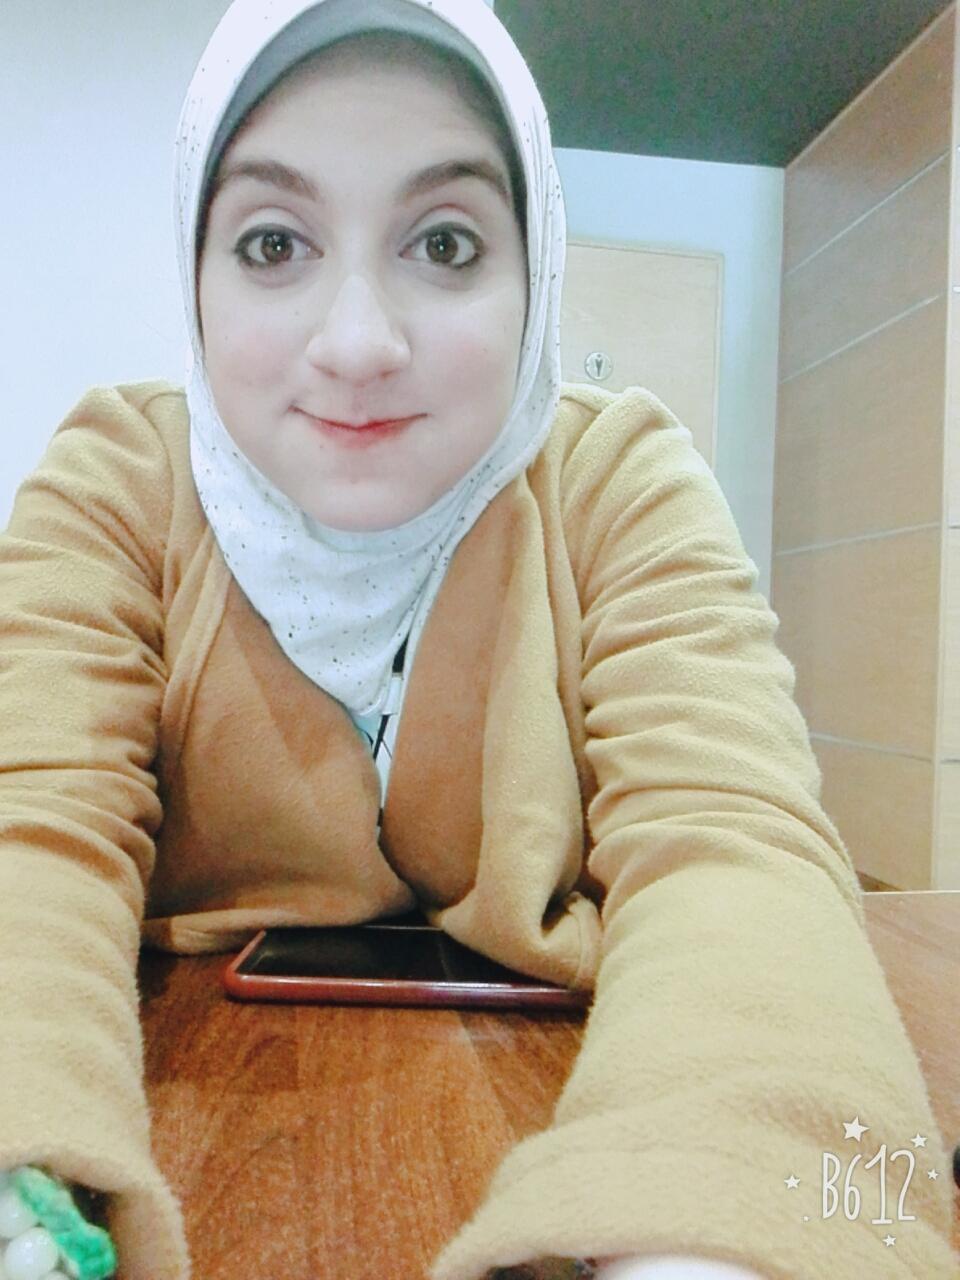 صورة صاحب التعليق - إحسان